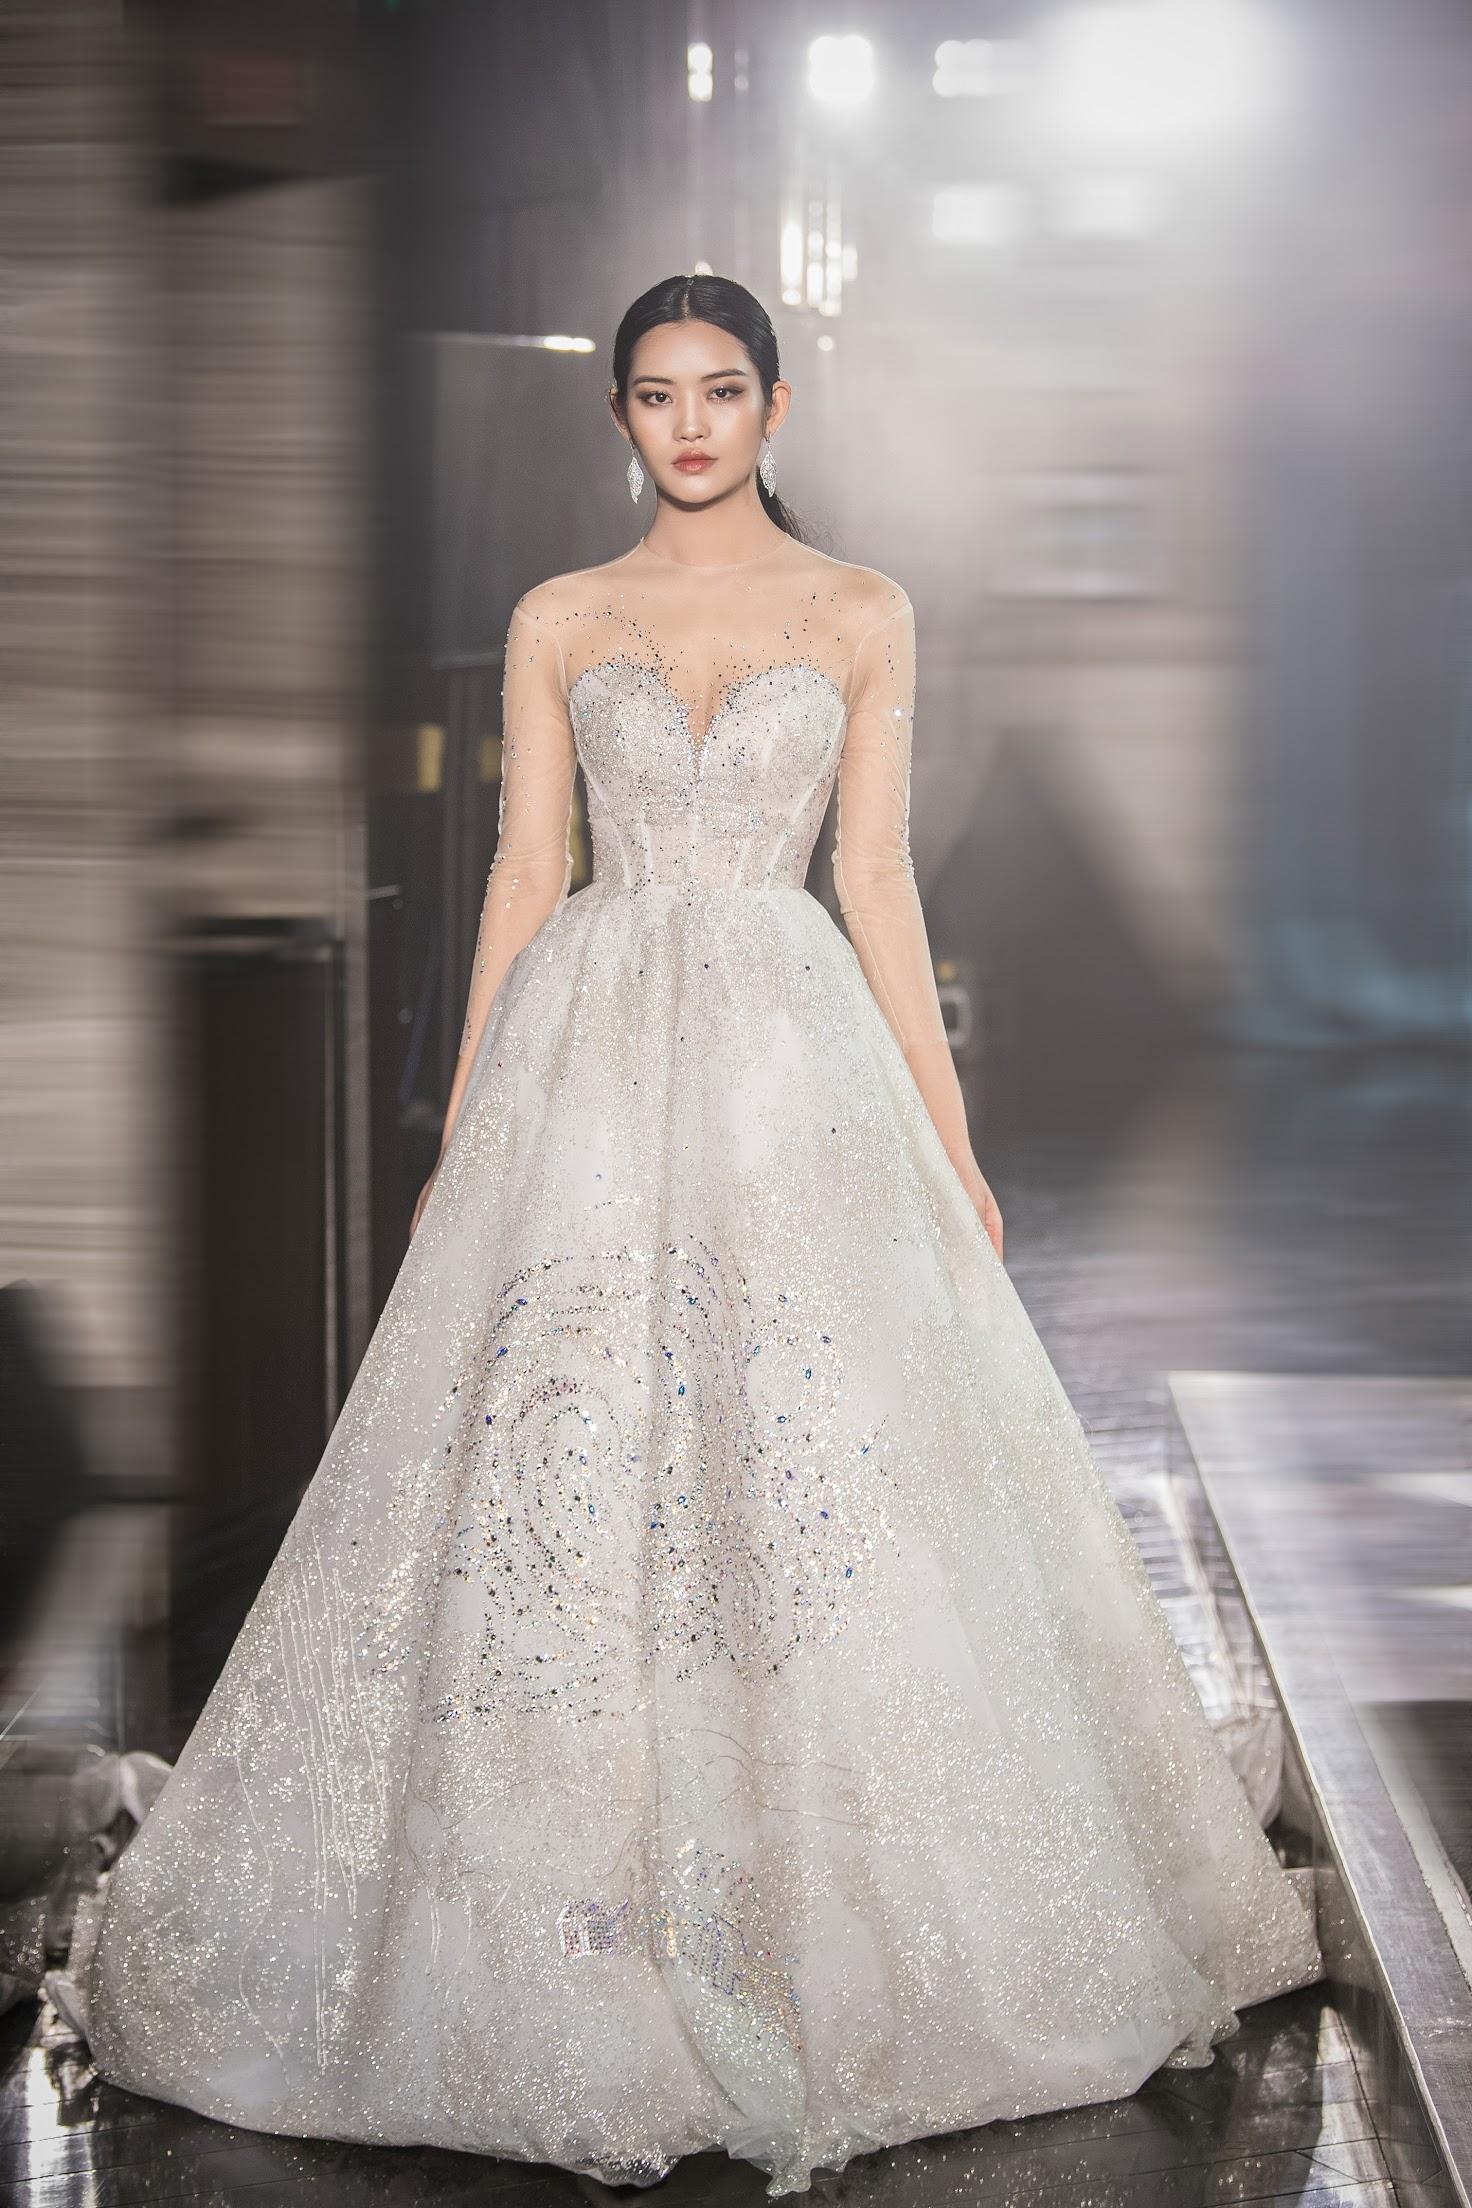 Lecia Bridal ra mắt dòng váy Luxury đính hàng trăm ngàn viên pha lê Swarovski - Ảnh 7.